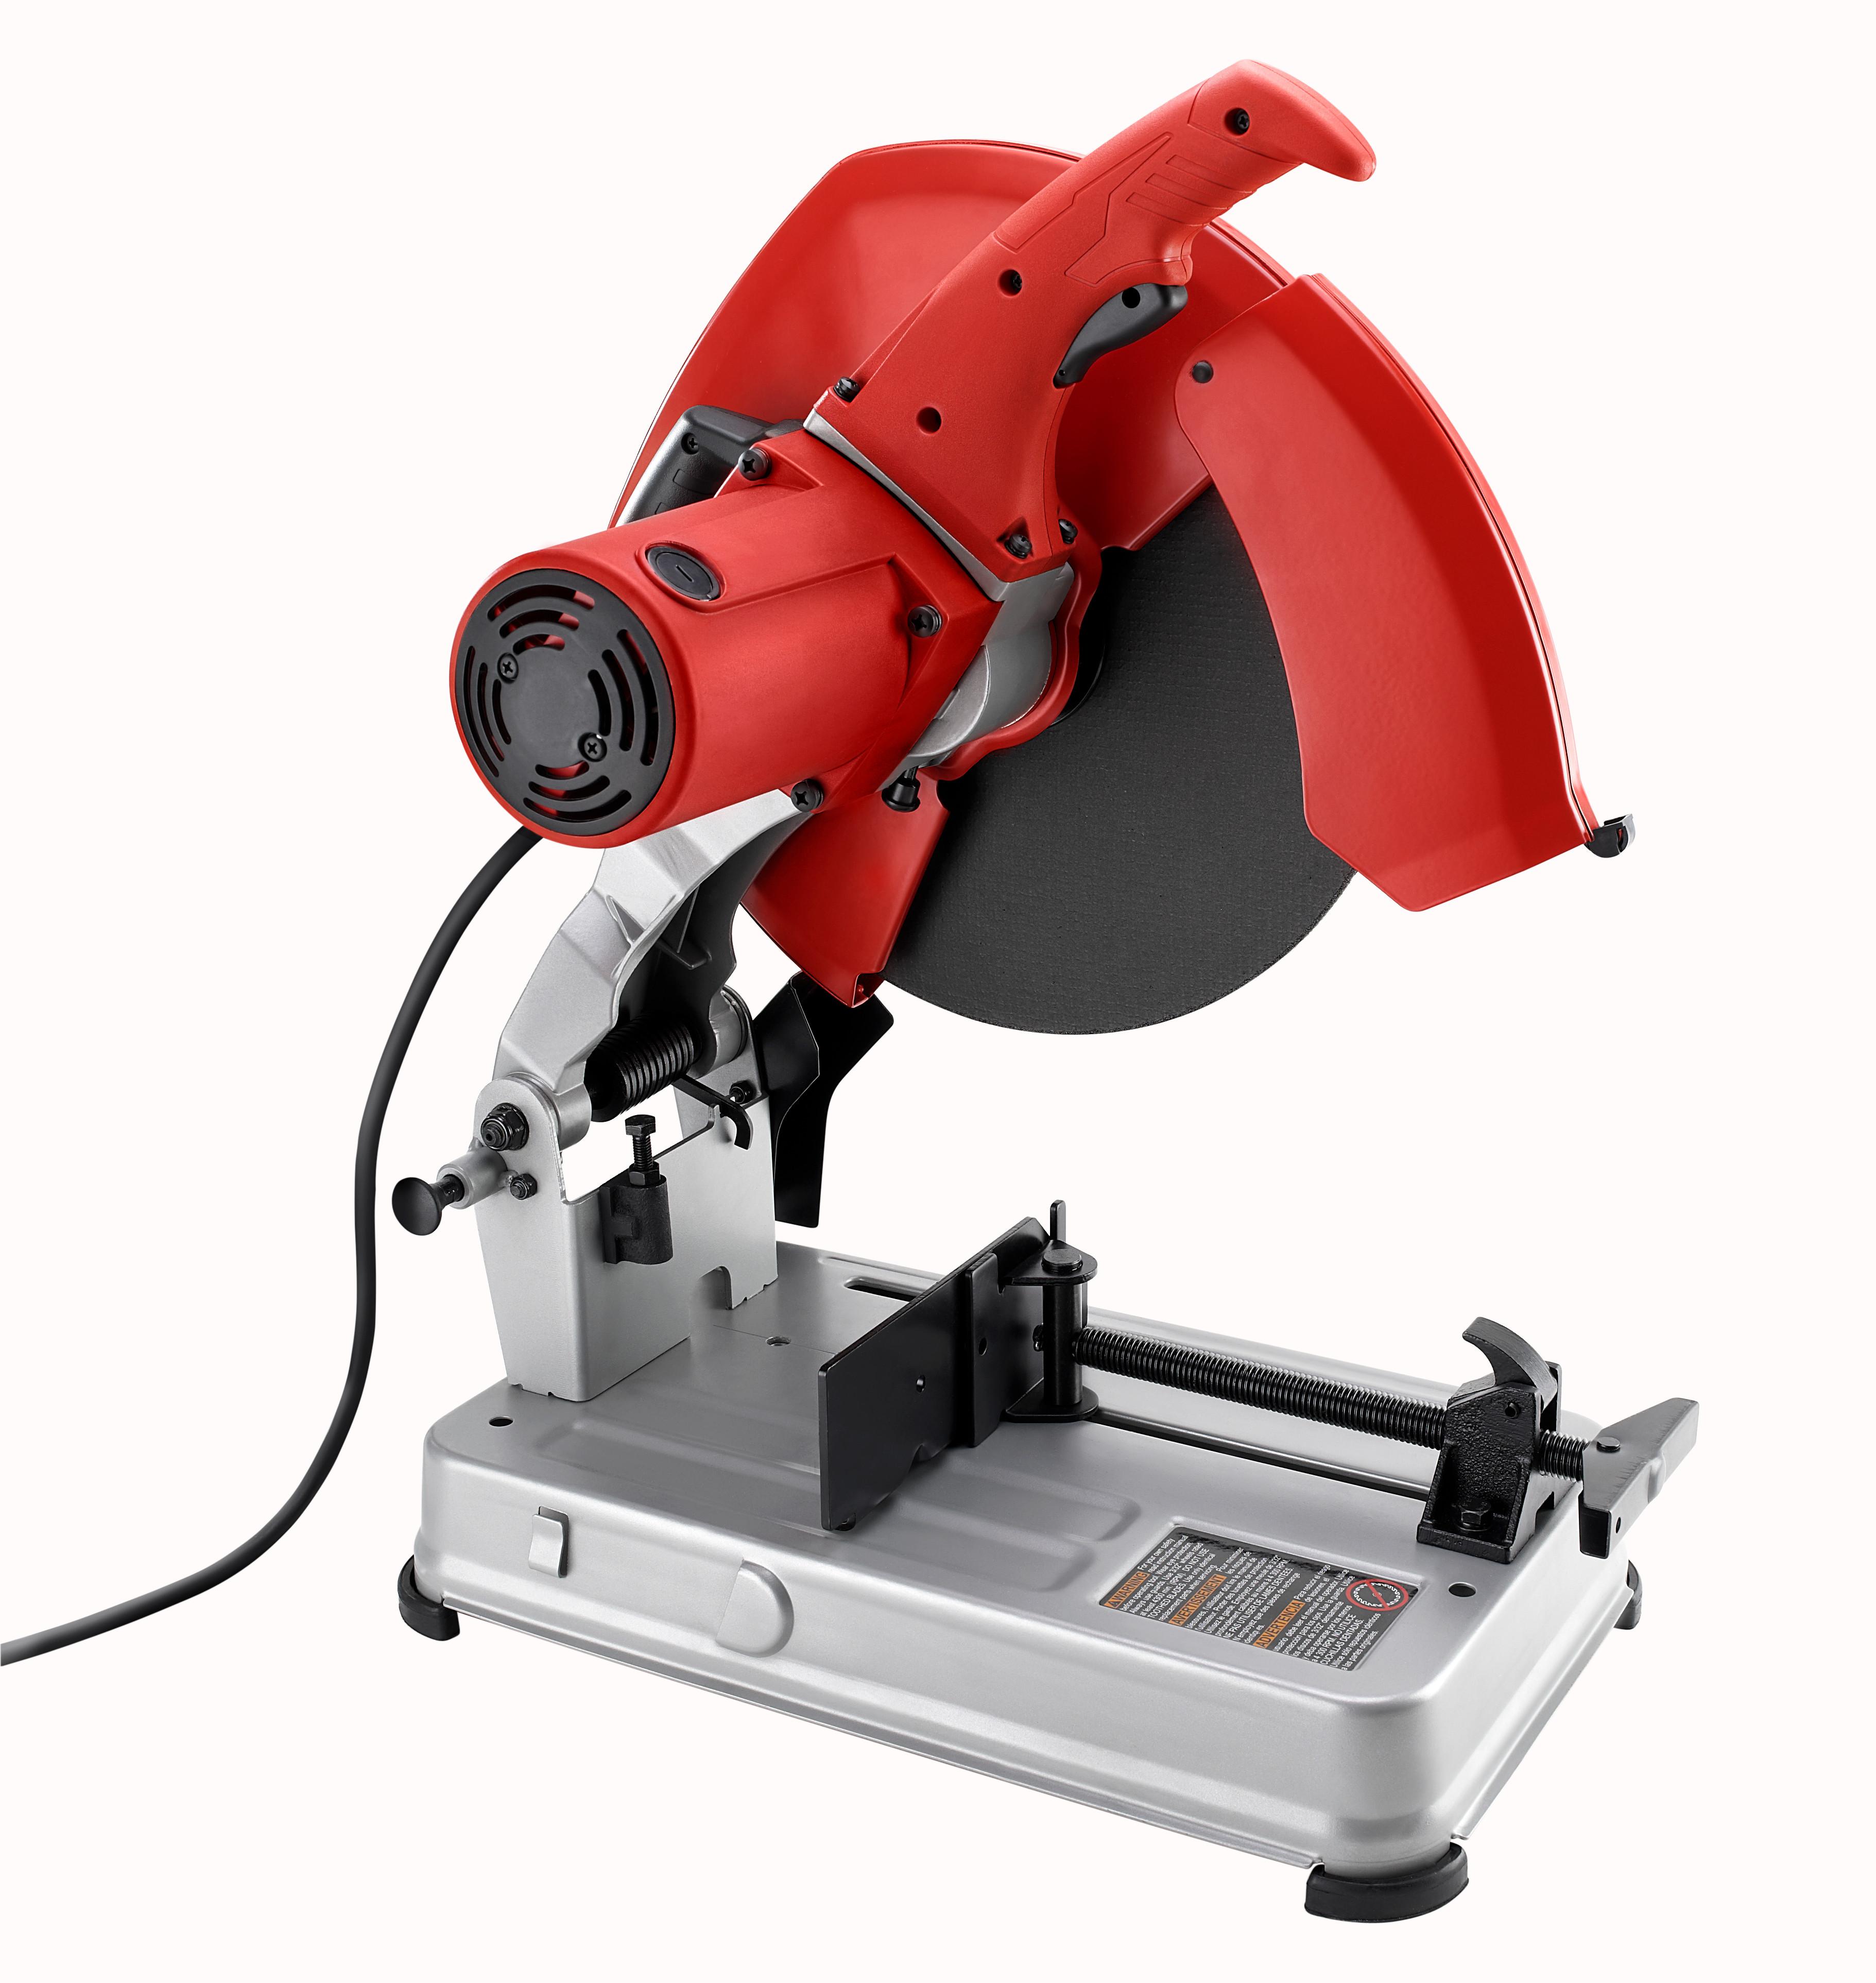 Milwaukee® 6177-20 Cut-Off Machine, 14 in Dia Blade, 5 in Cutting